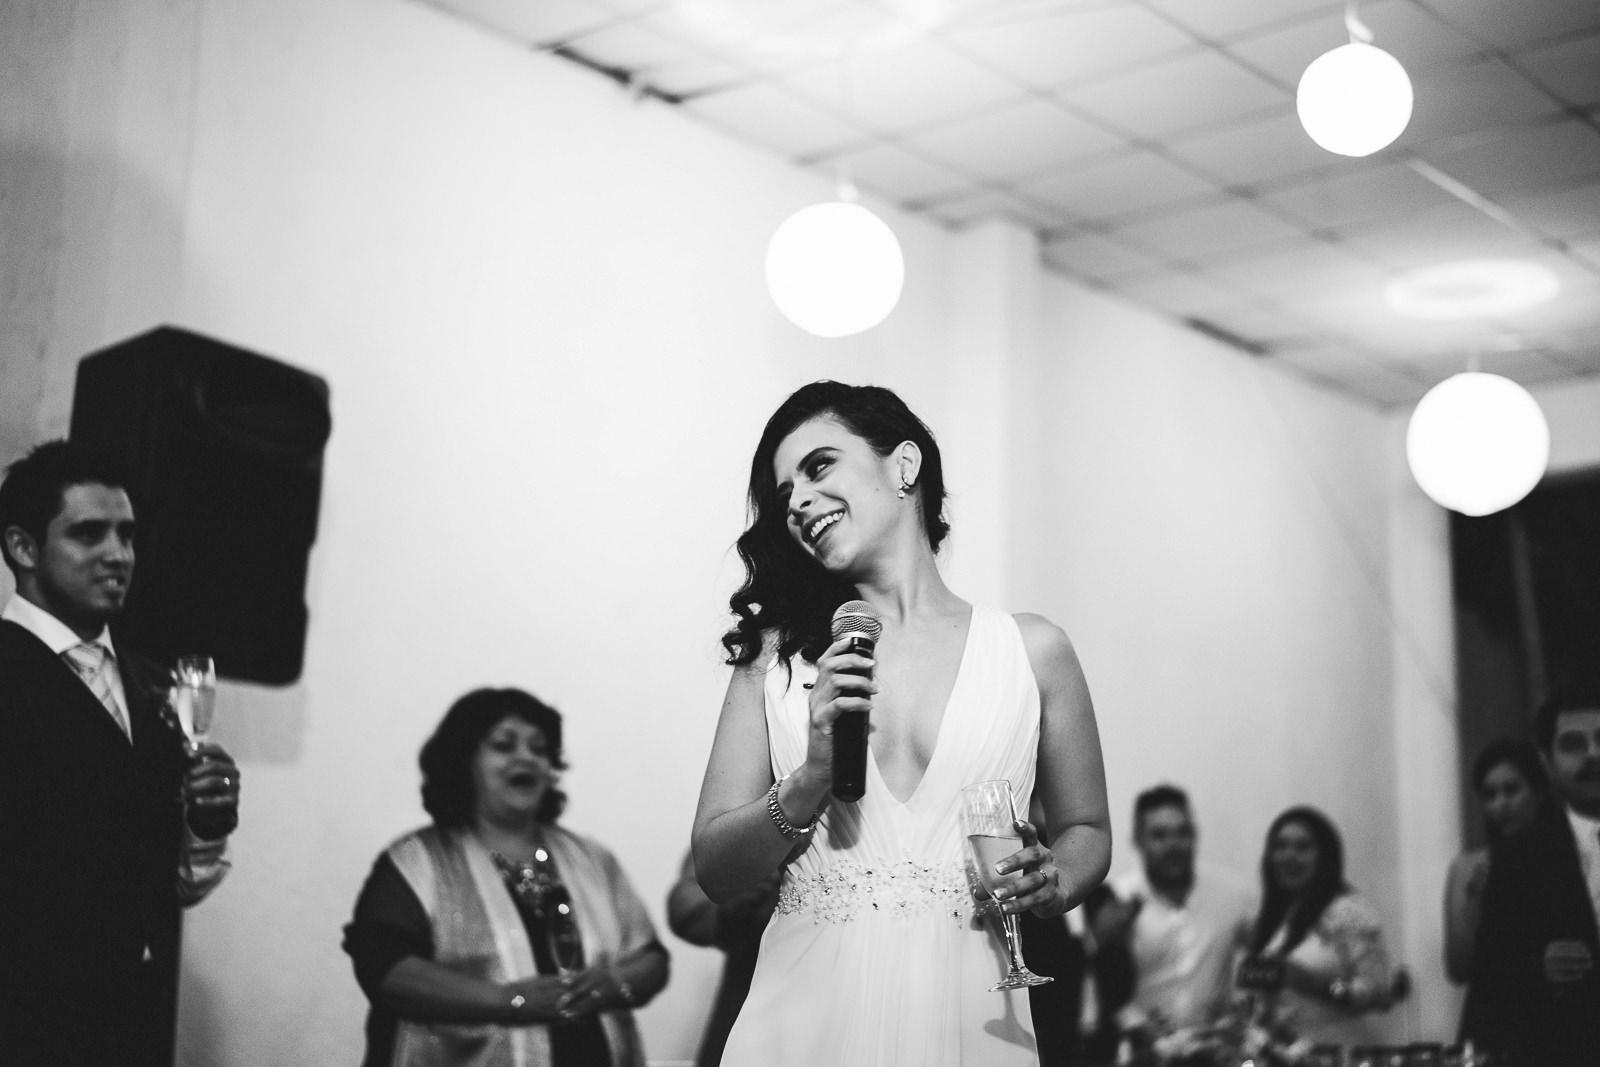 fotografo_de_bodas_mexico_cuernavaca_puebla_sergio_quezada_cdmx_h+l_123